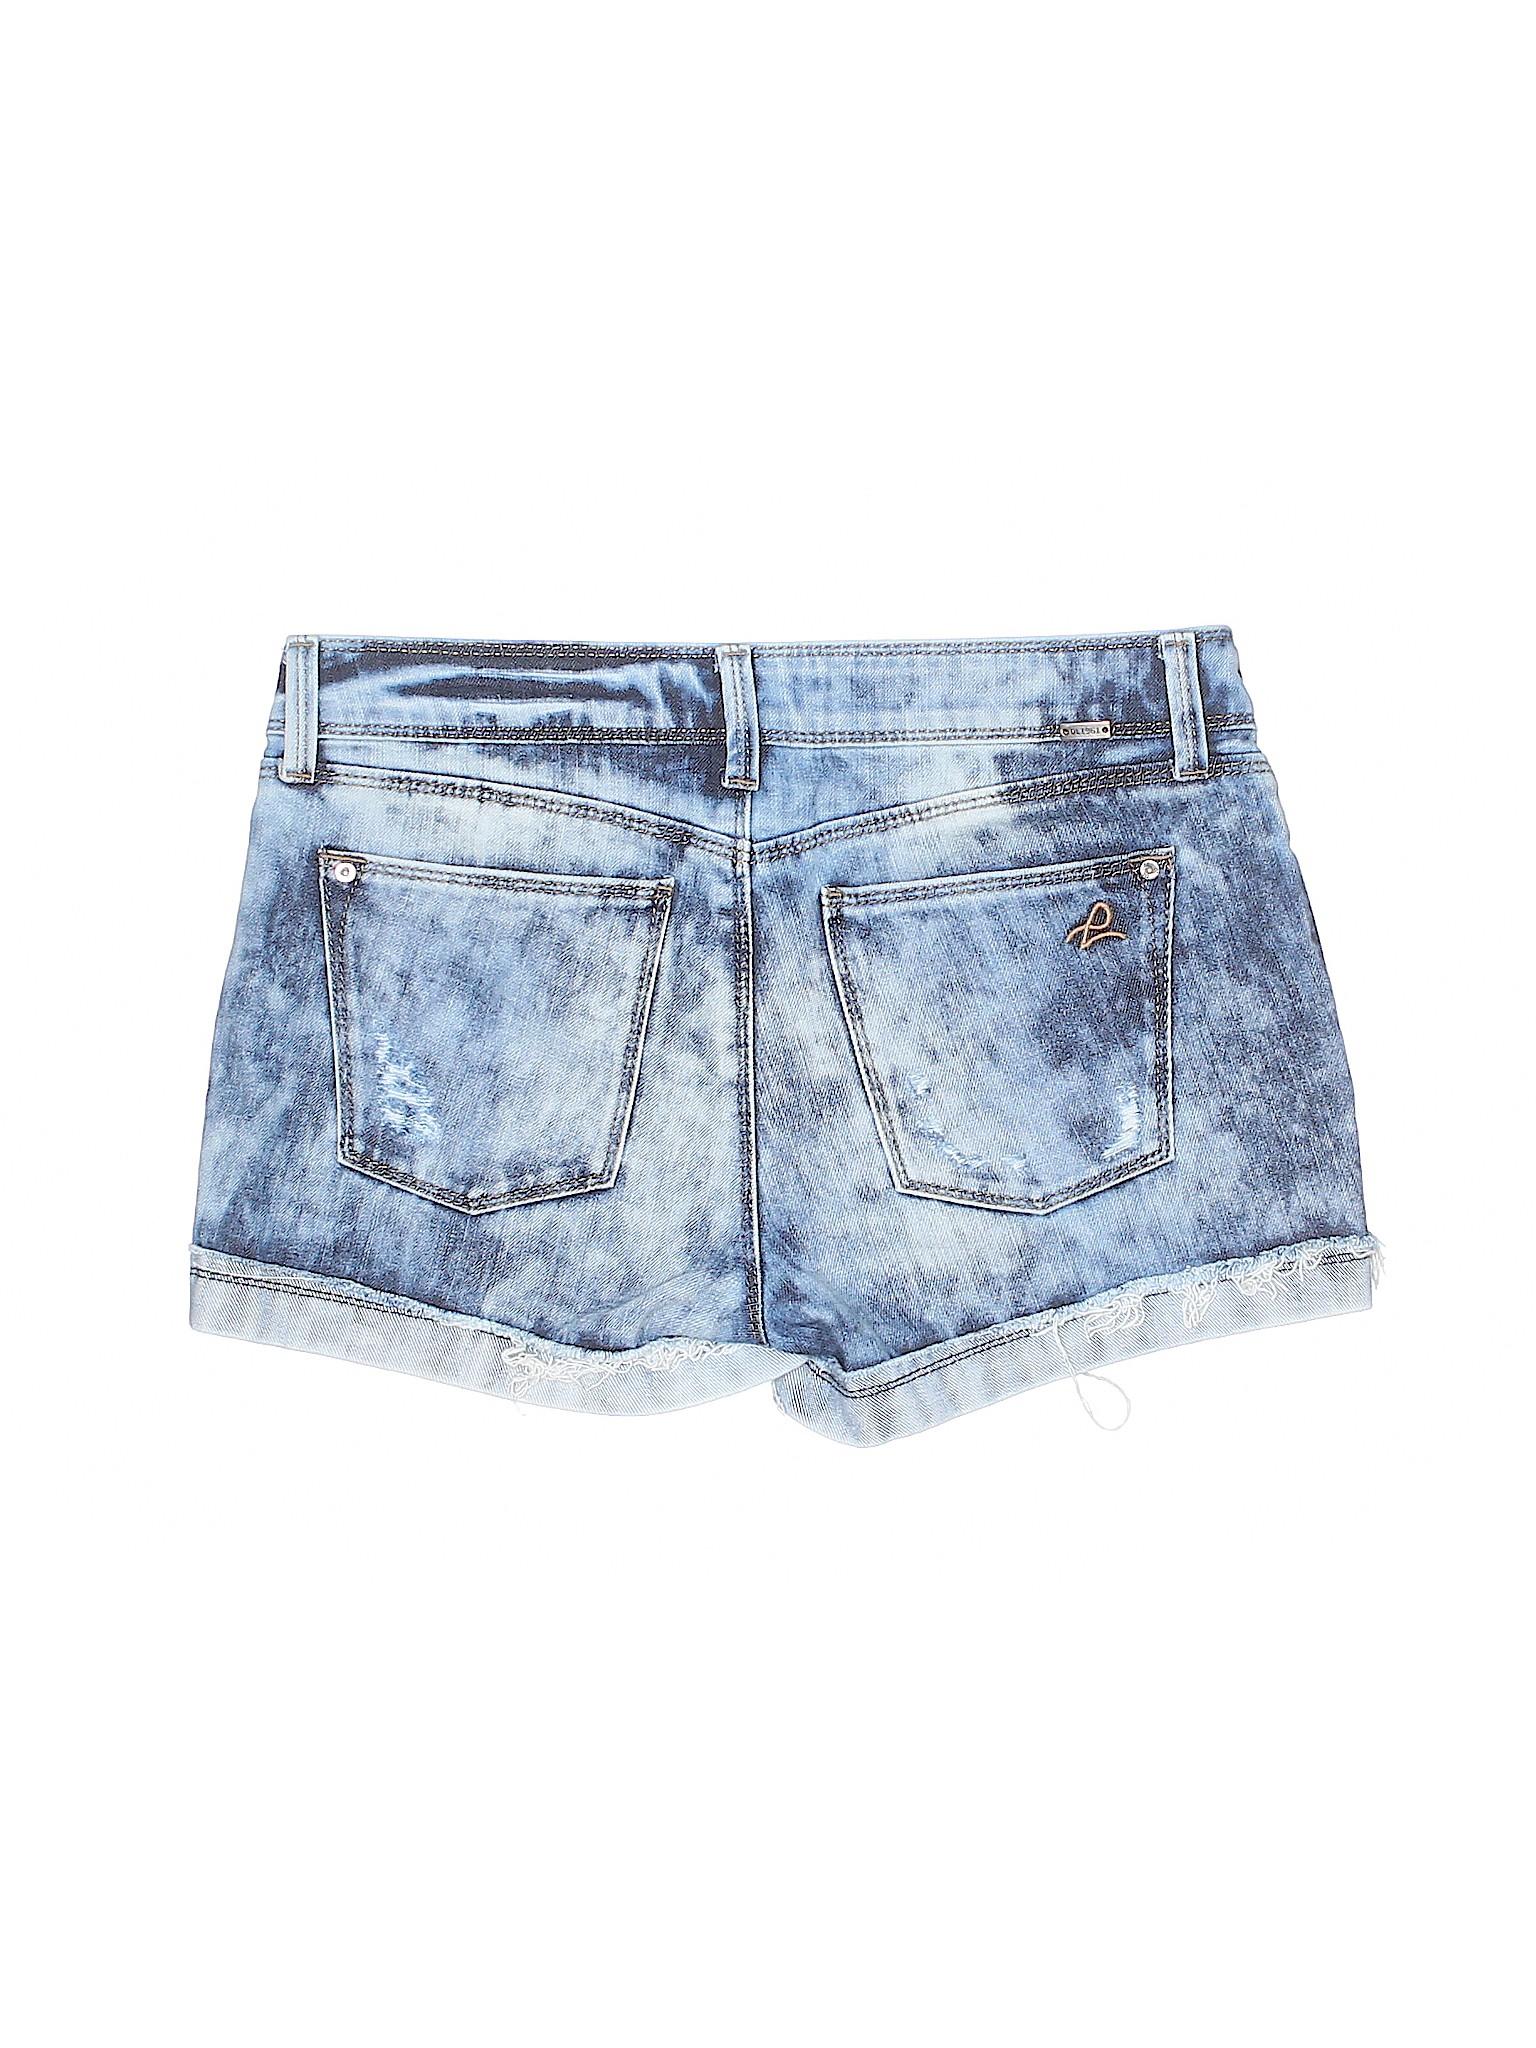 Boutique Boutique Denim DL1961 DL1961 Shorts 5dxwqPd6z0